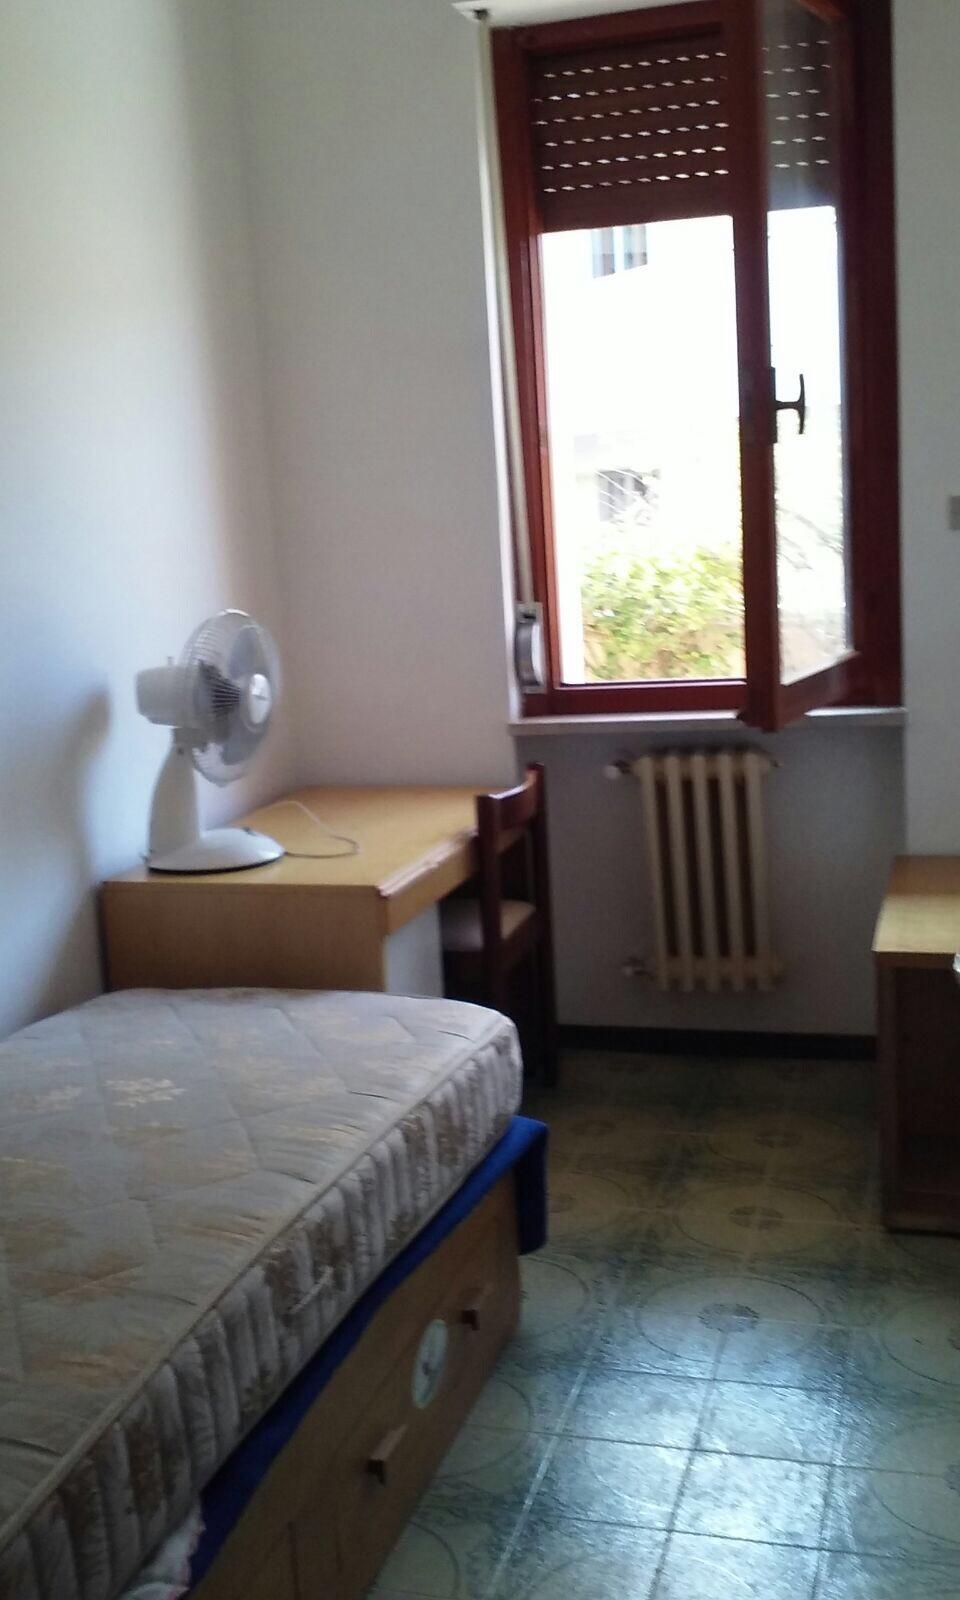 Affitto Appartamenti Pescara